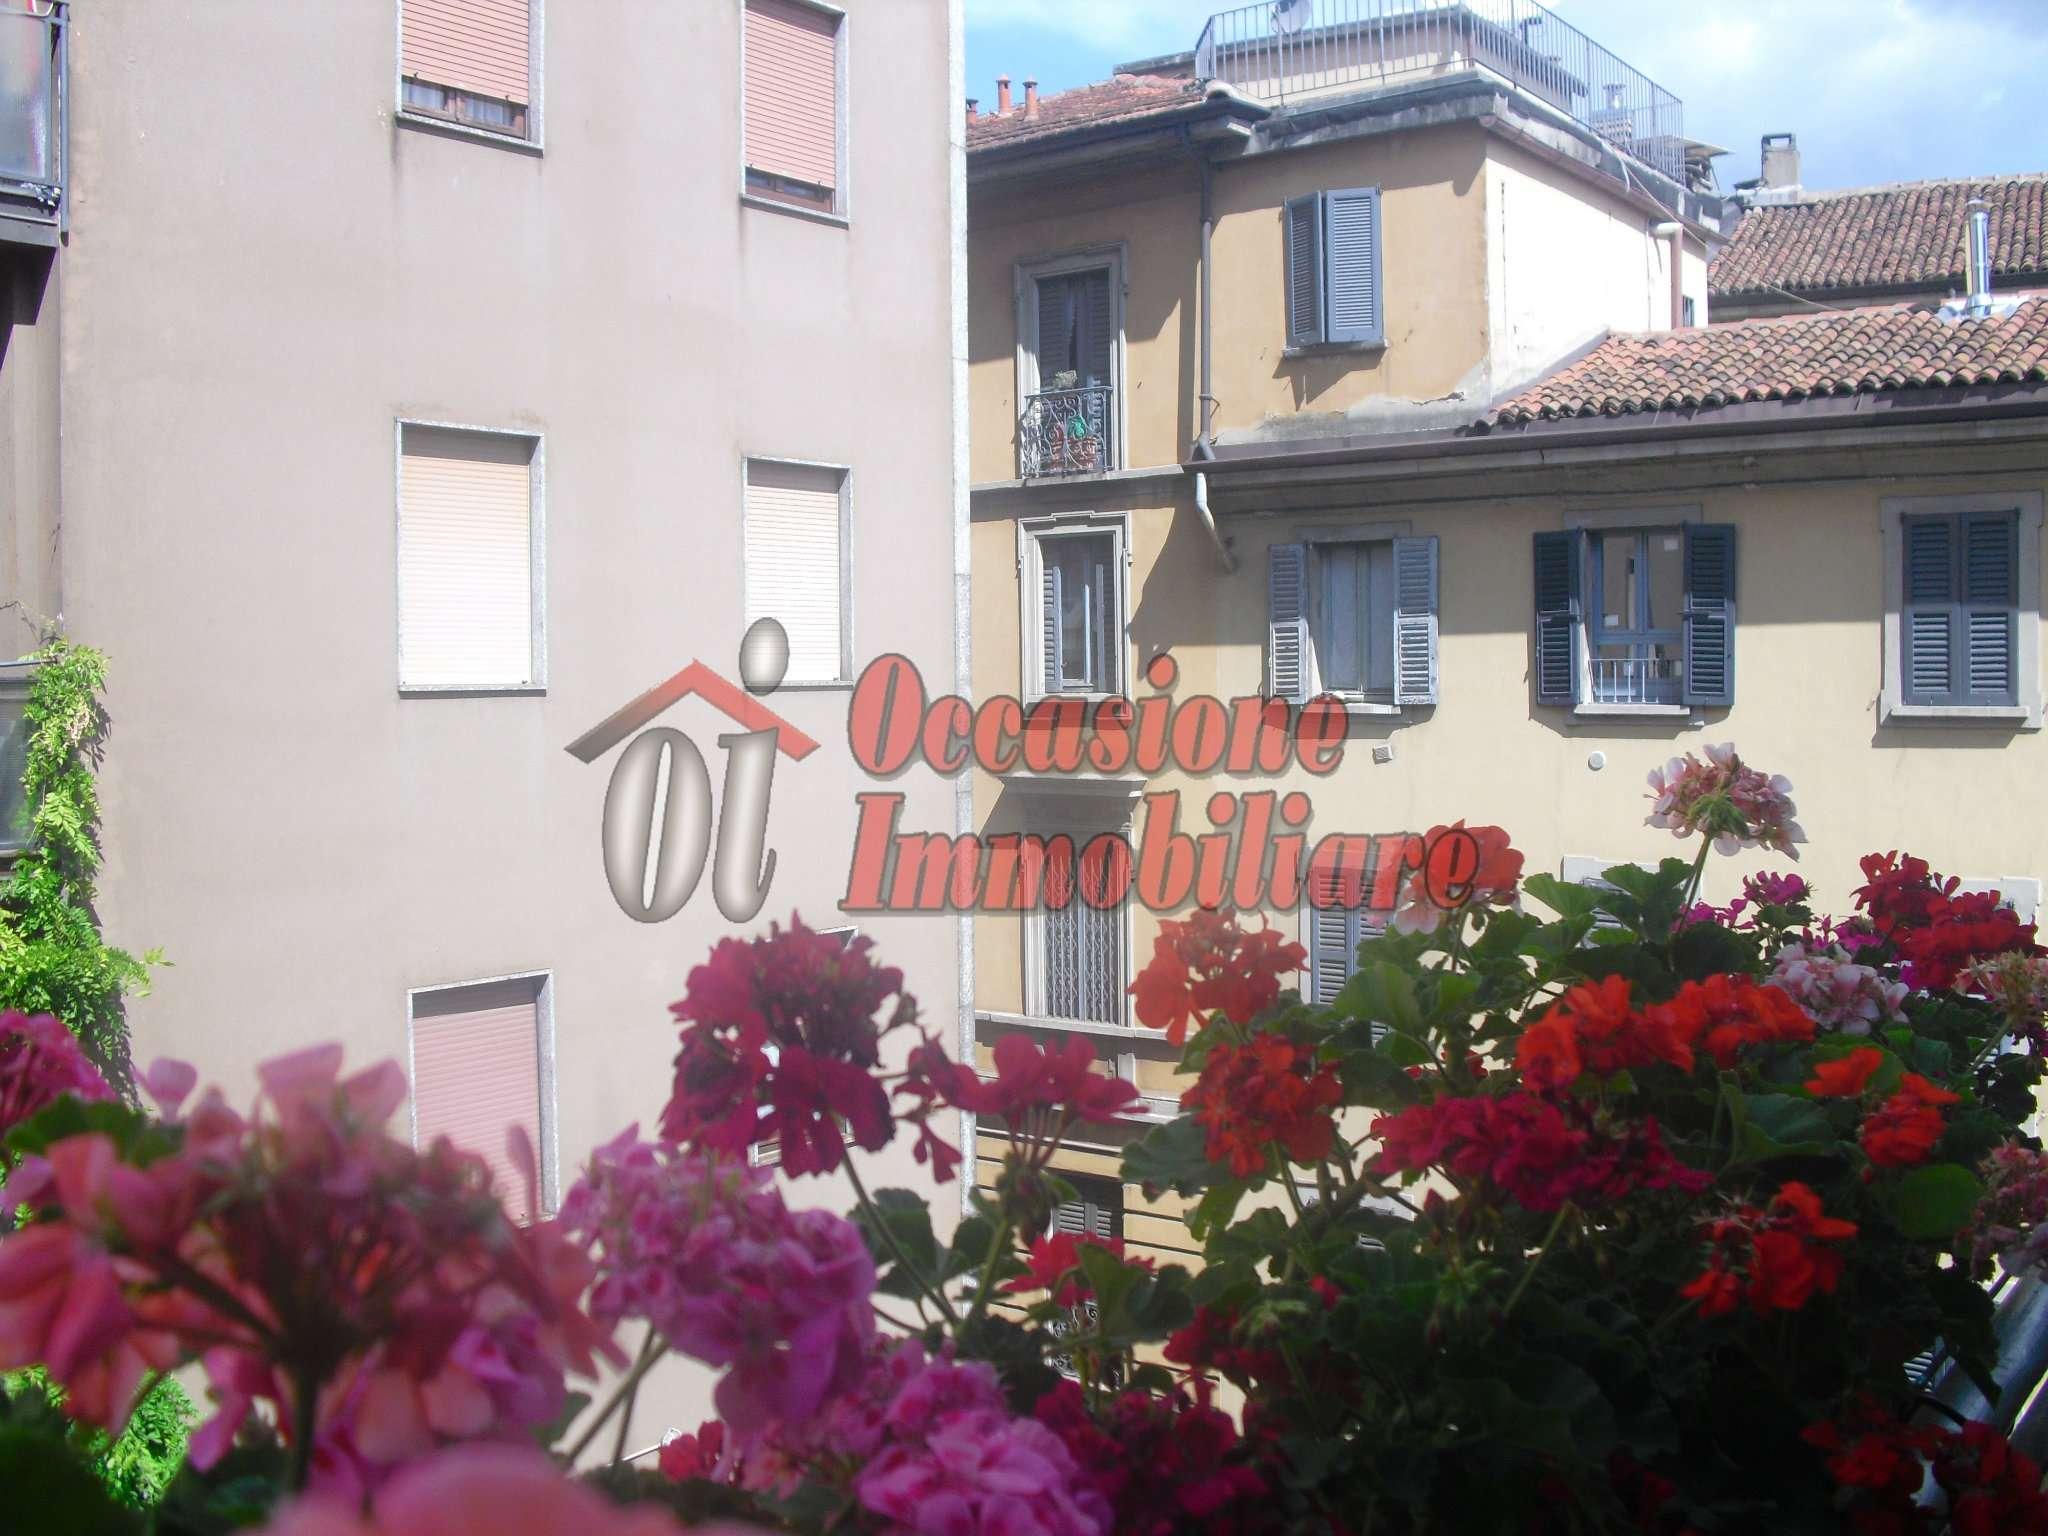 Appartamento in affitto a Milano, 1 locali, zona Zona: 6 . V Giornate, XXII Marzo, P.ta Romana, Viale Corsica, Tribunale, Policlinico, prezzo € 800 | CambioCasa.it